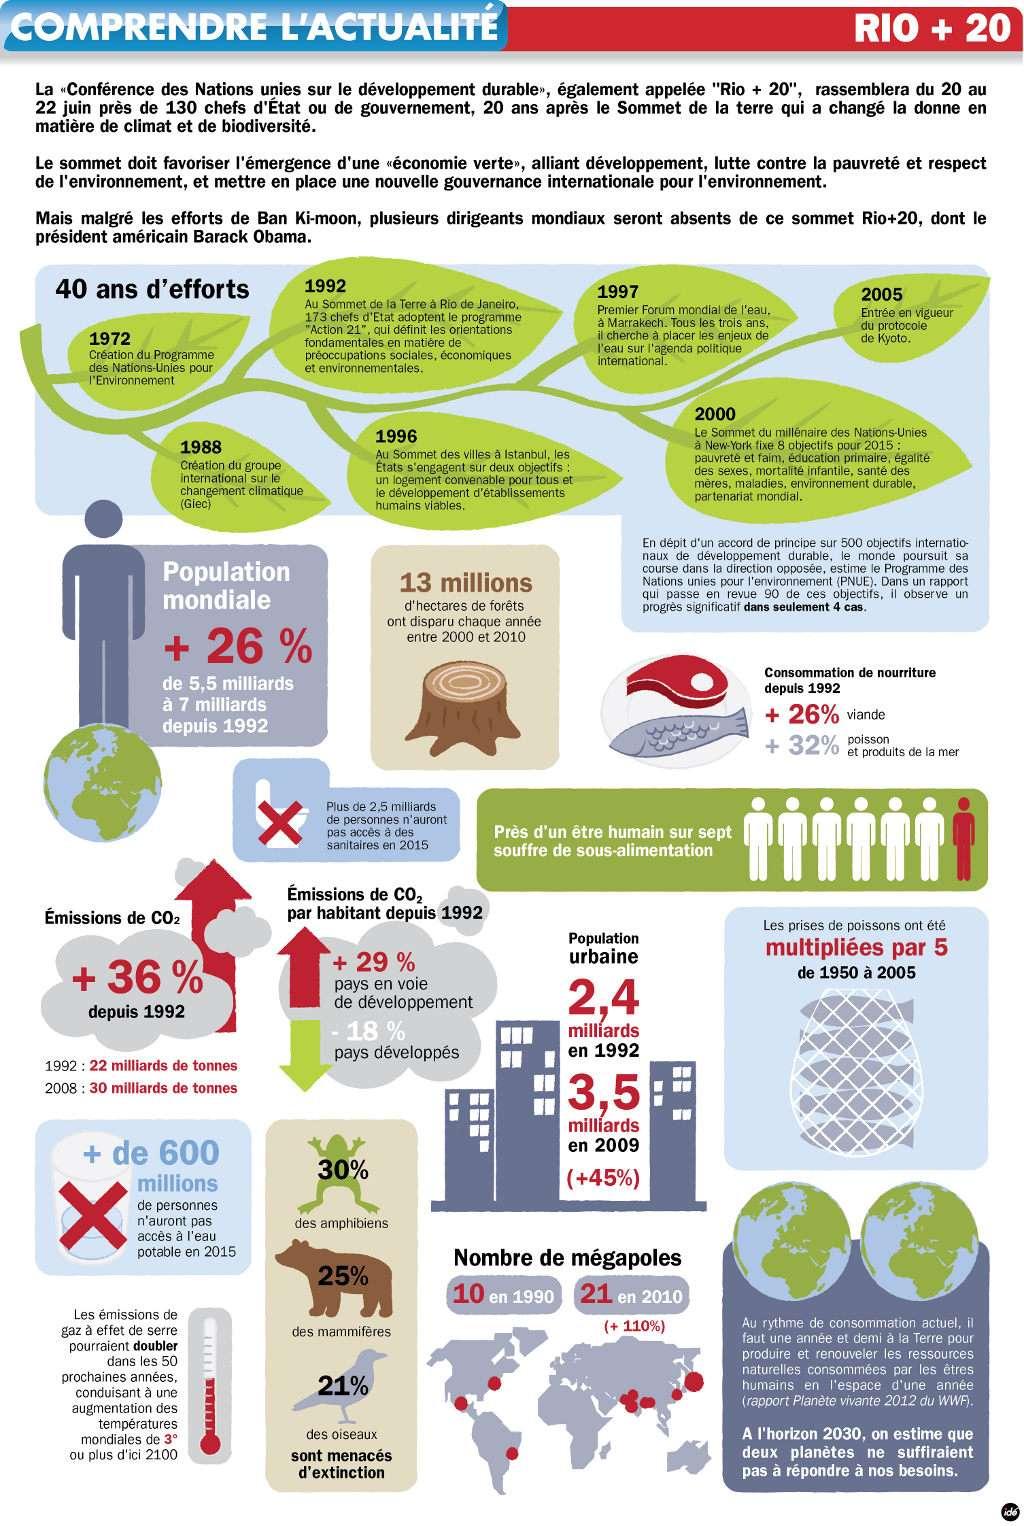 Brutalement résumées, deux décennies d'augmentation de l'emprise des humains sur leur planète. © Idé